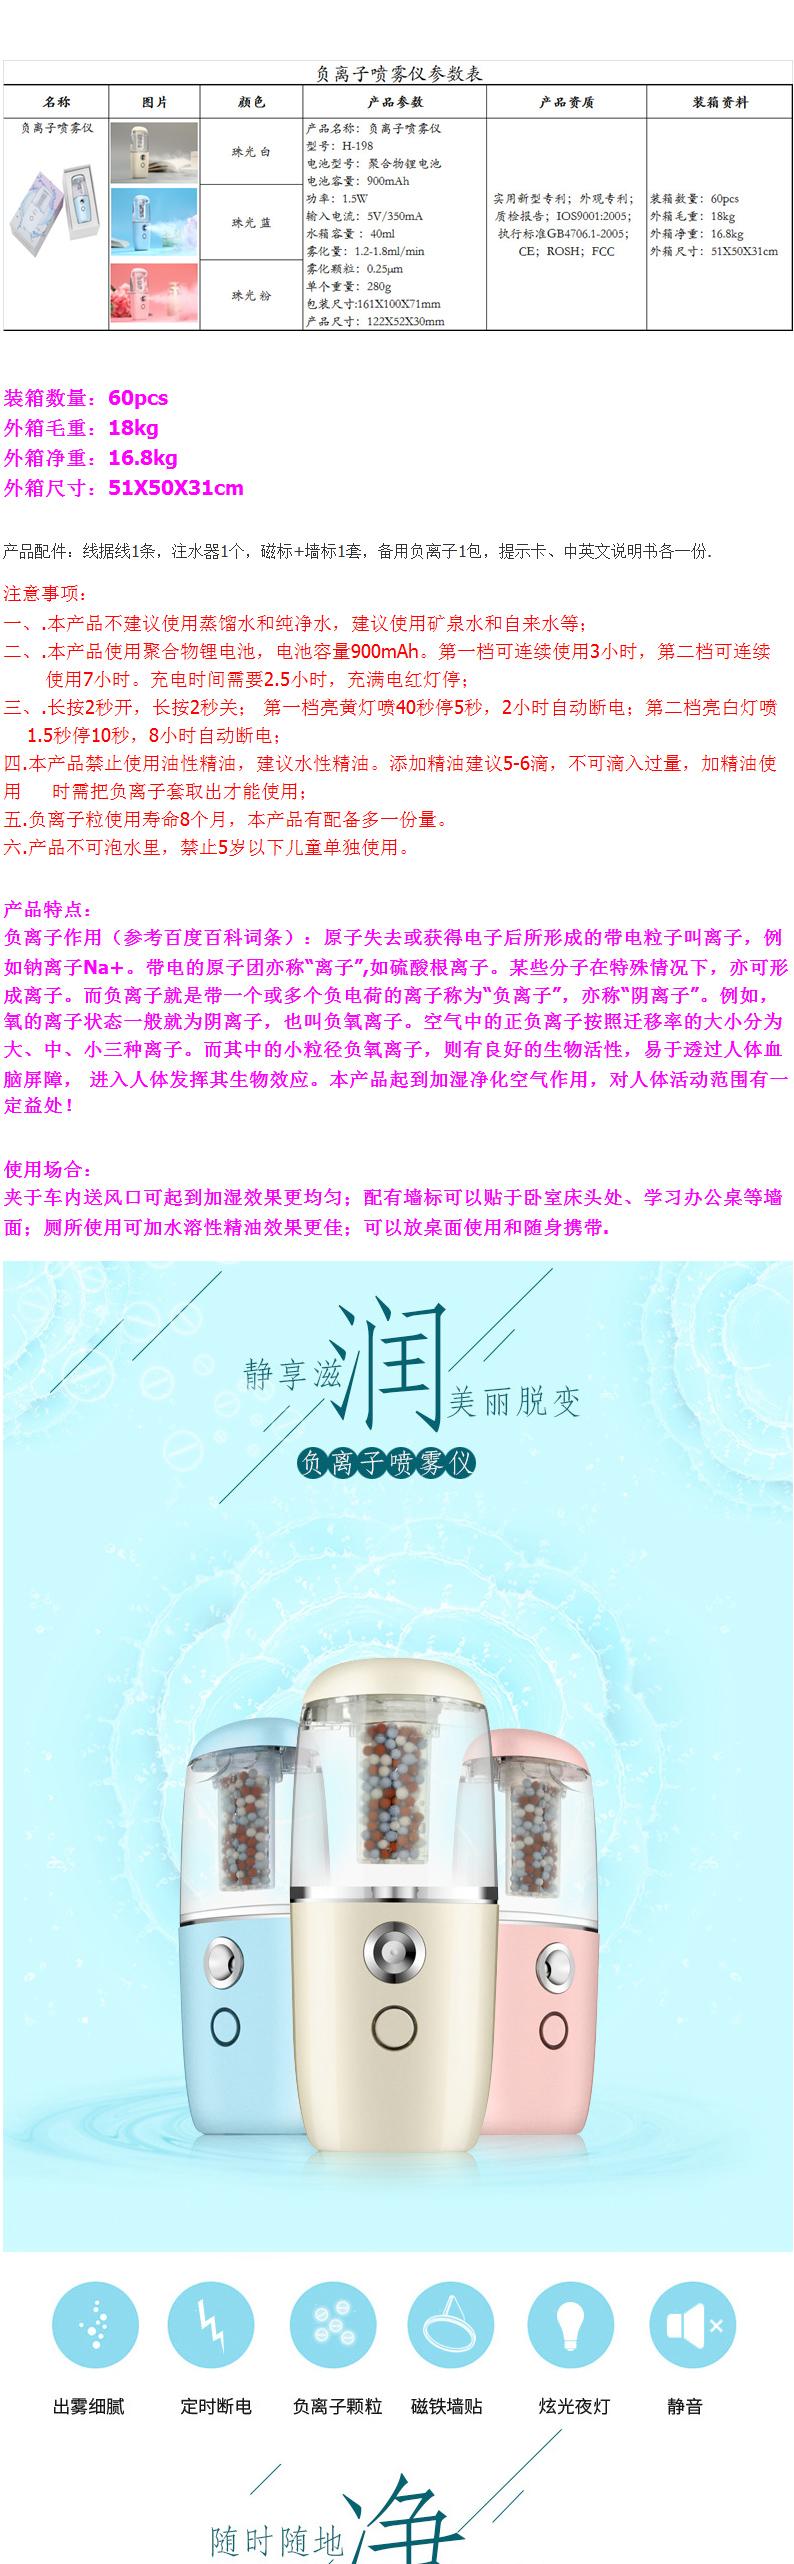 实物负离子补水喷雾仪 蒸脸器加湿器 雾化美容仪 USB充电款带车标